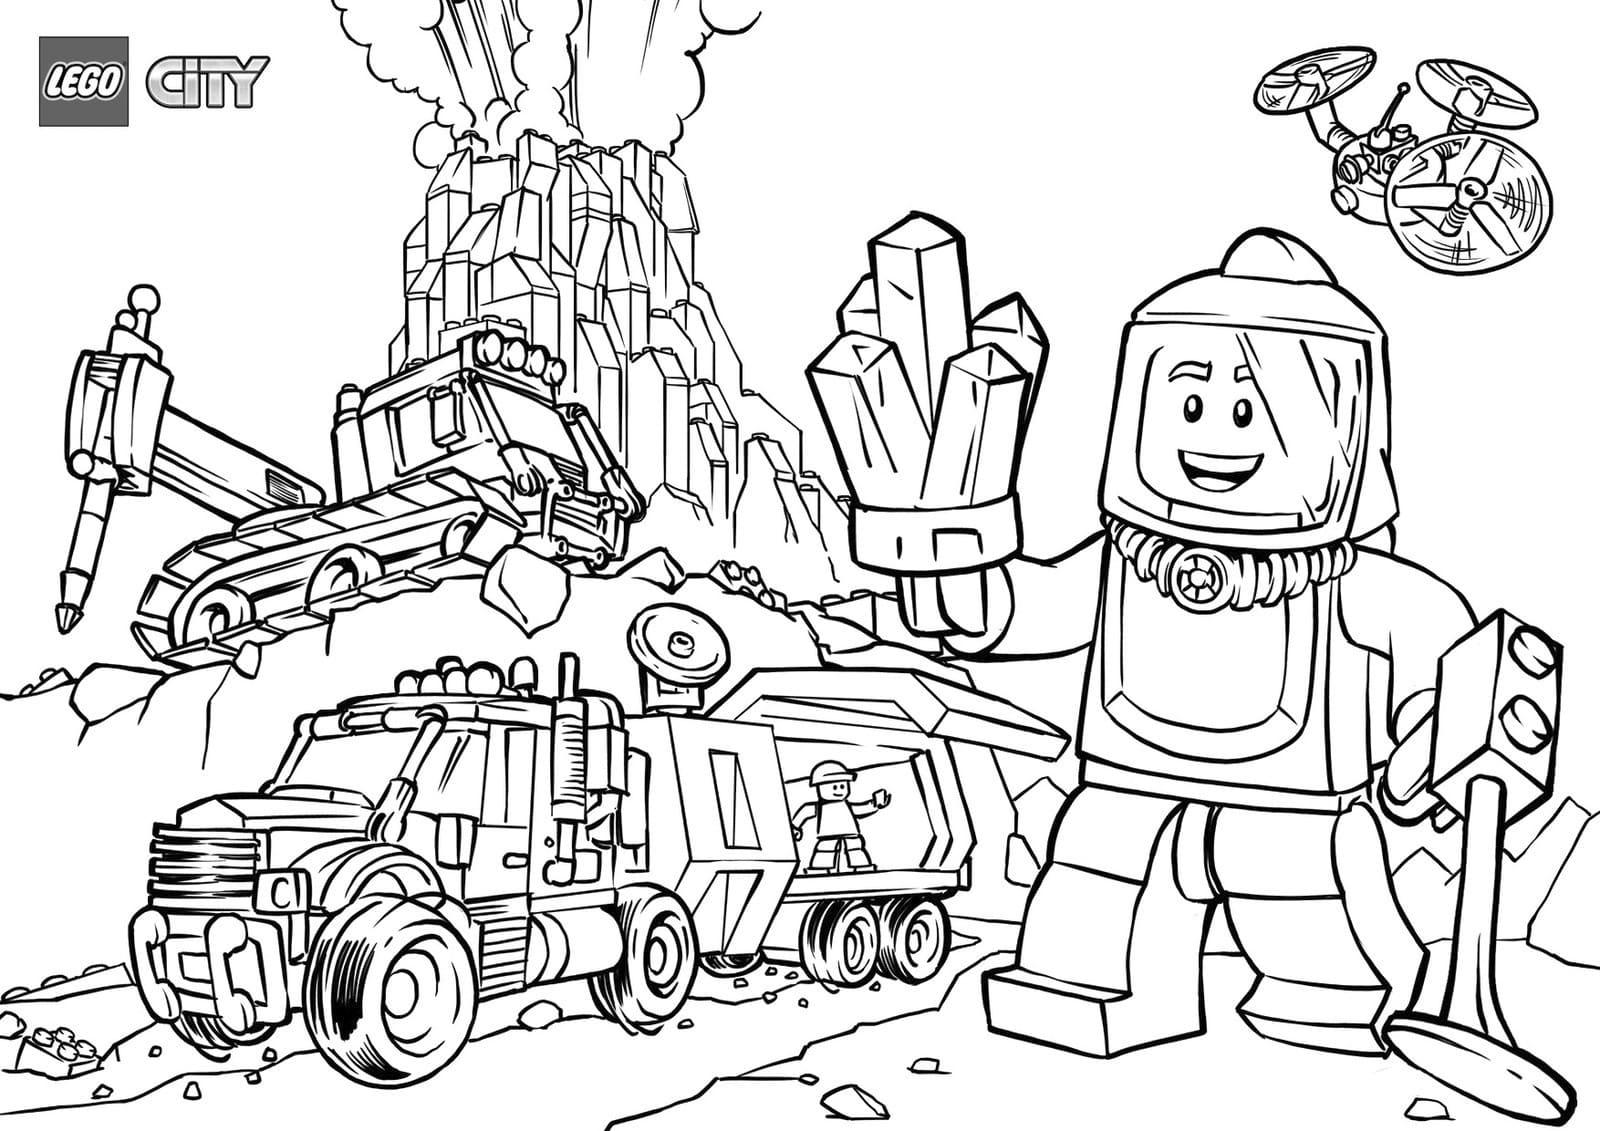 Disegni Di Lego Da Colorare Scarica O Stampa Gratuitamente